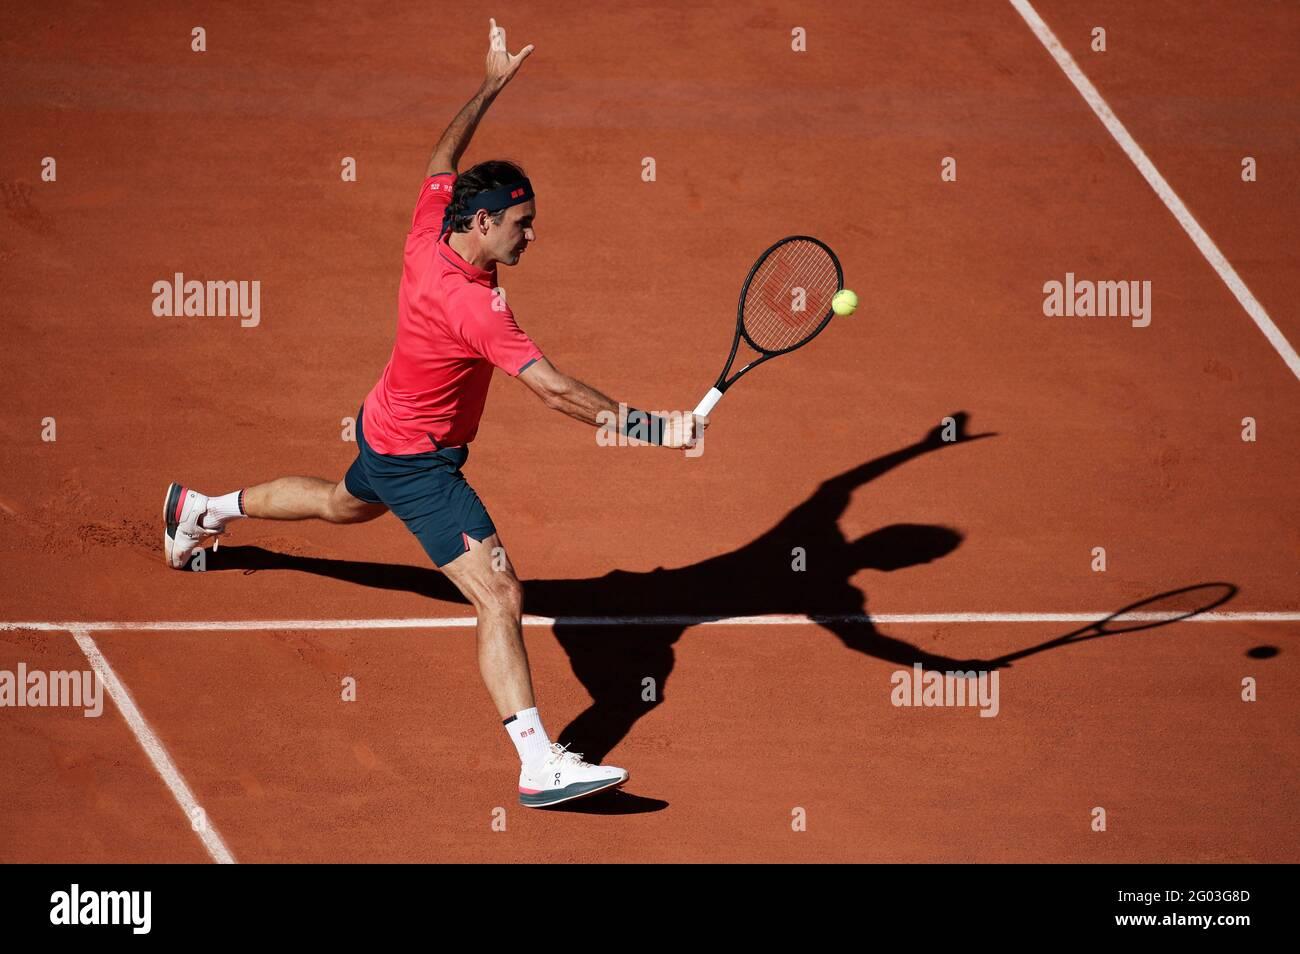 Tennis - Open francese - Roland Garros, Parigi, Francia - 31 maggio 2021 Roger Federer in azione durante la sua prima partita contro Denis Istomin REUTERS/Benoit Tessier dell'Uzbekistan Foto Stock